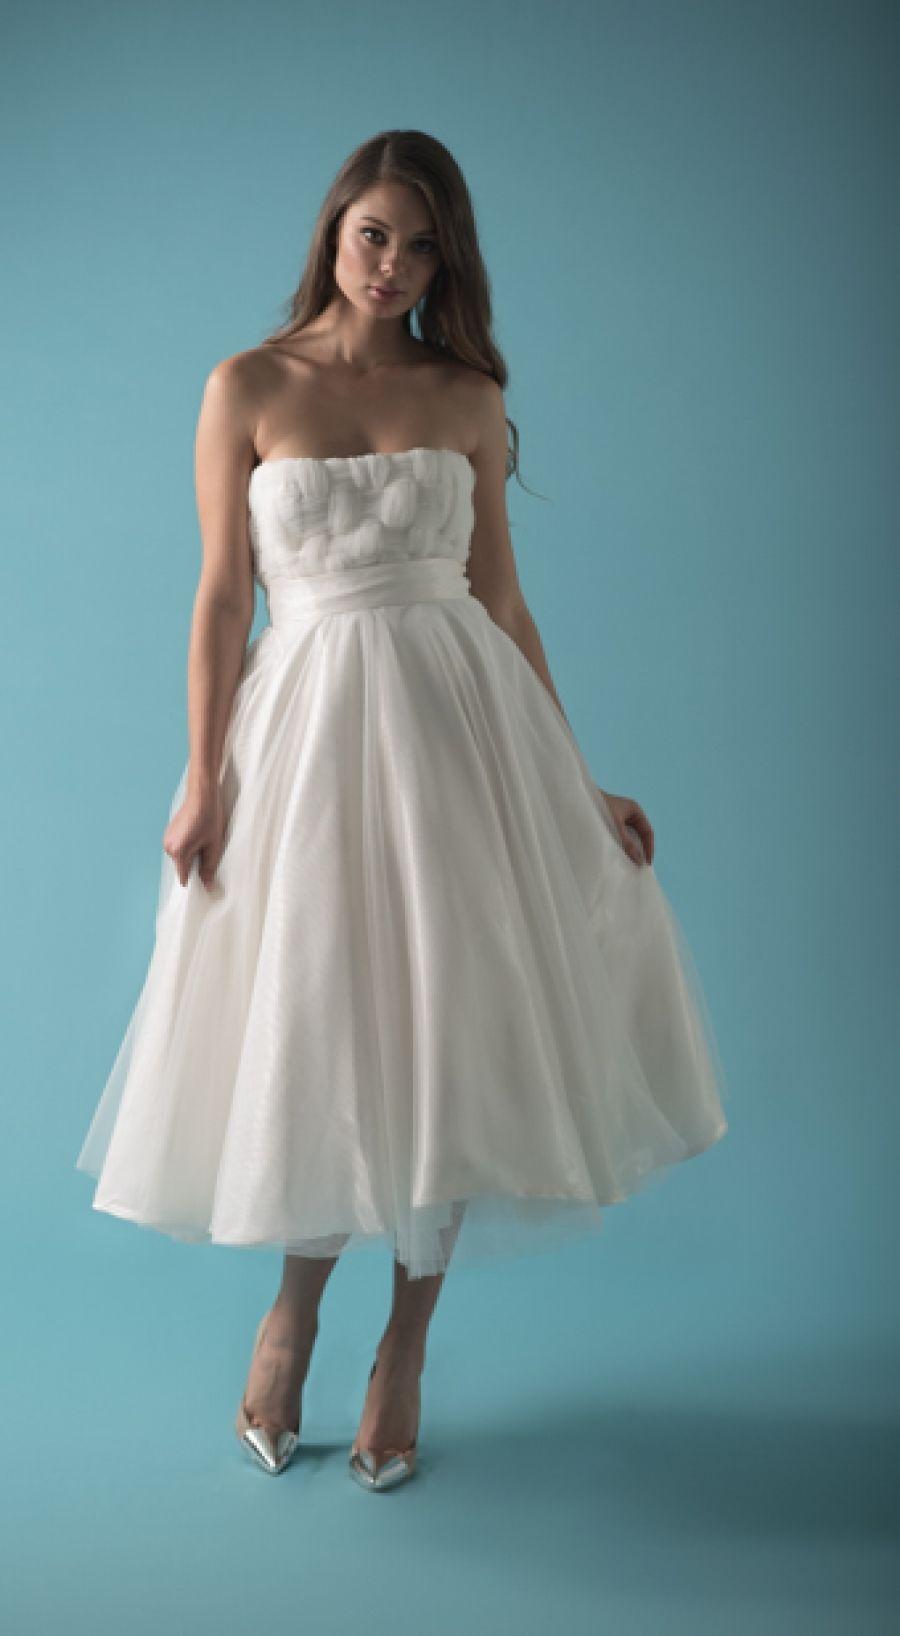 Teti Charitou bridal \